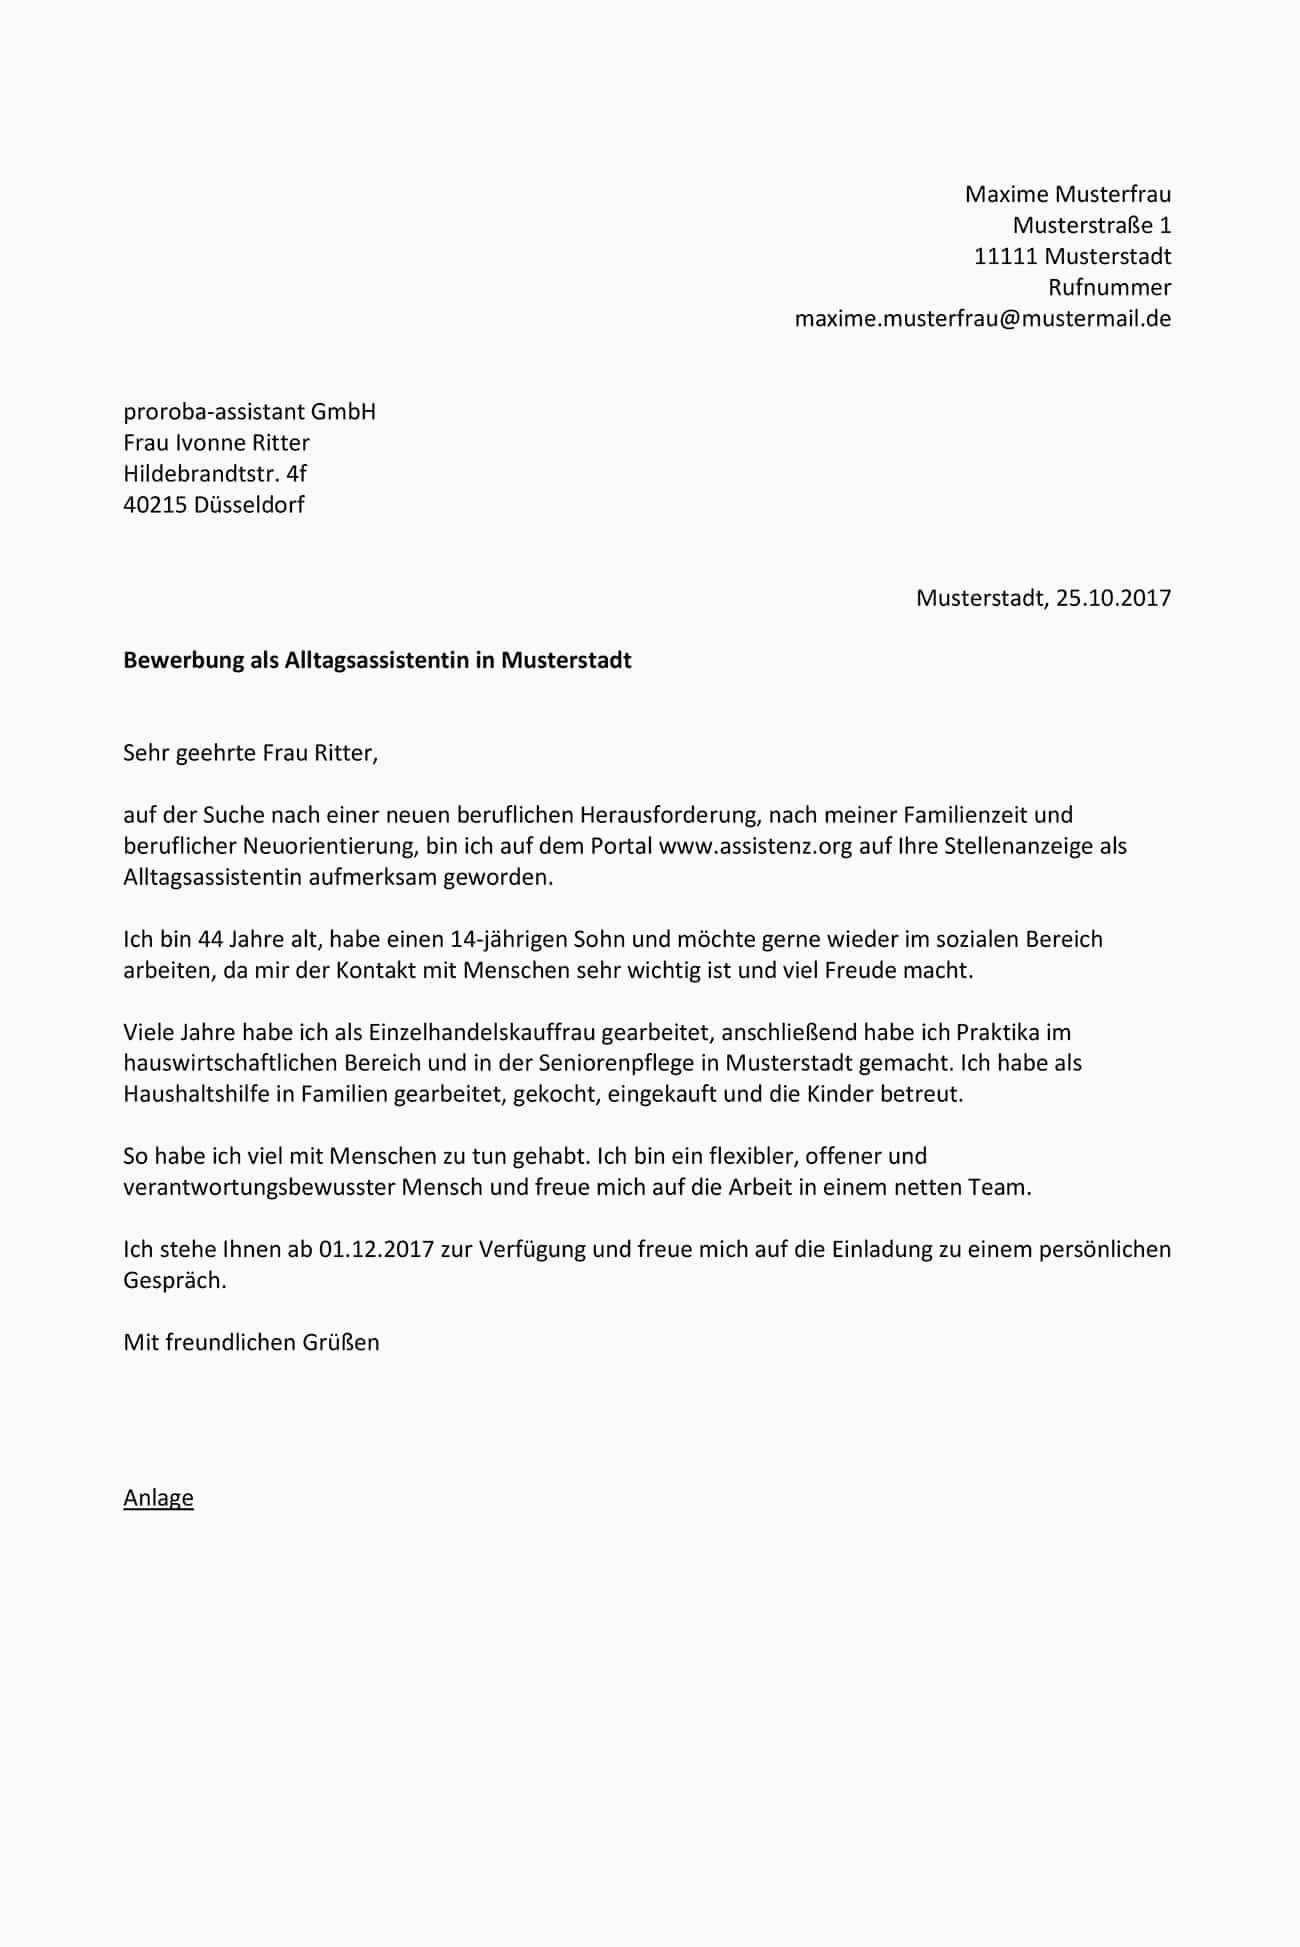 Einzigartig Bewerbung Nach Elternzeit Teilzeit Muster Briefprobe Briefformat Briefvorlage Bewerbung Bewerbung Schreiben Stellenanzeigen